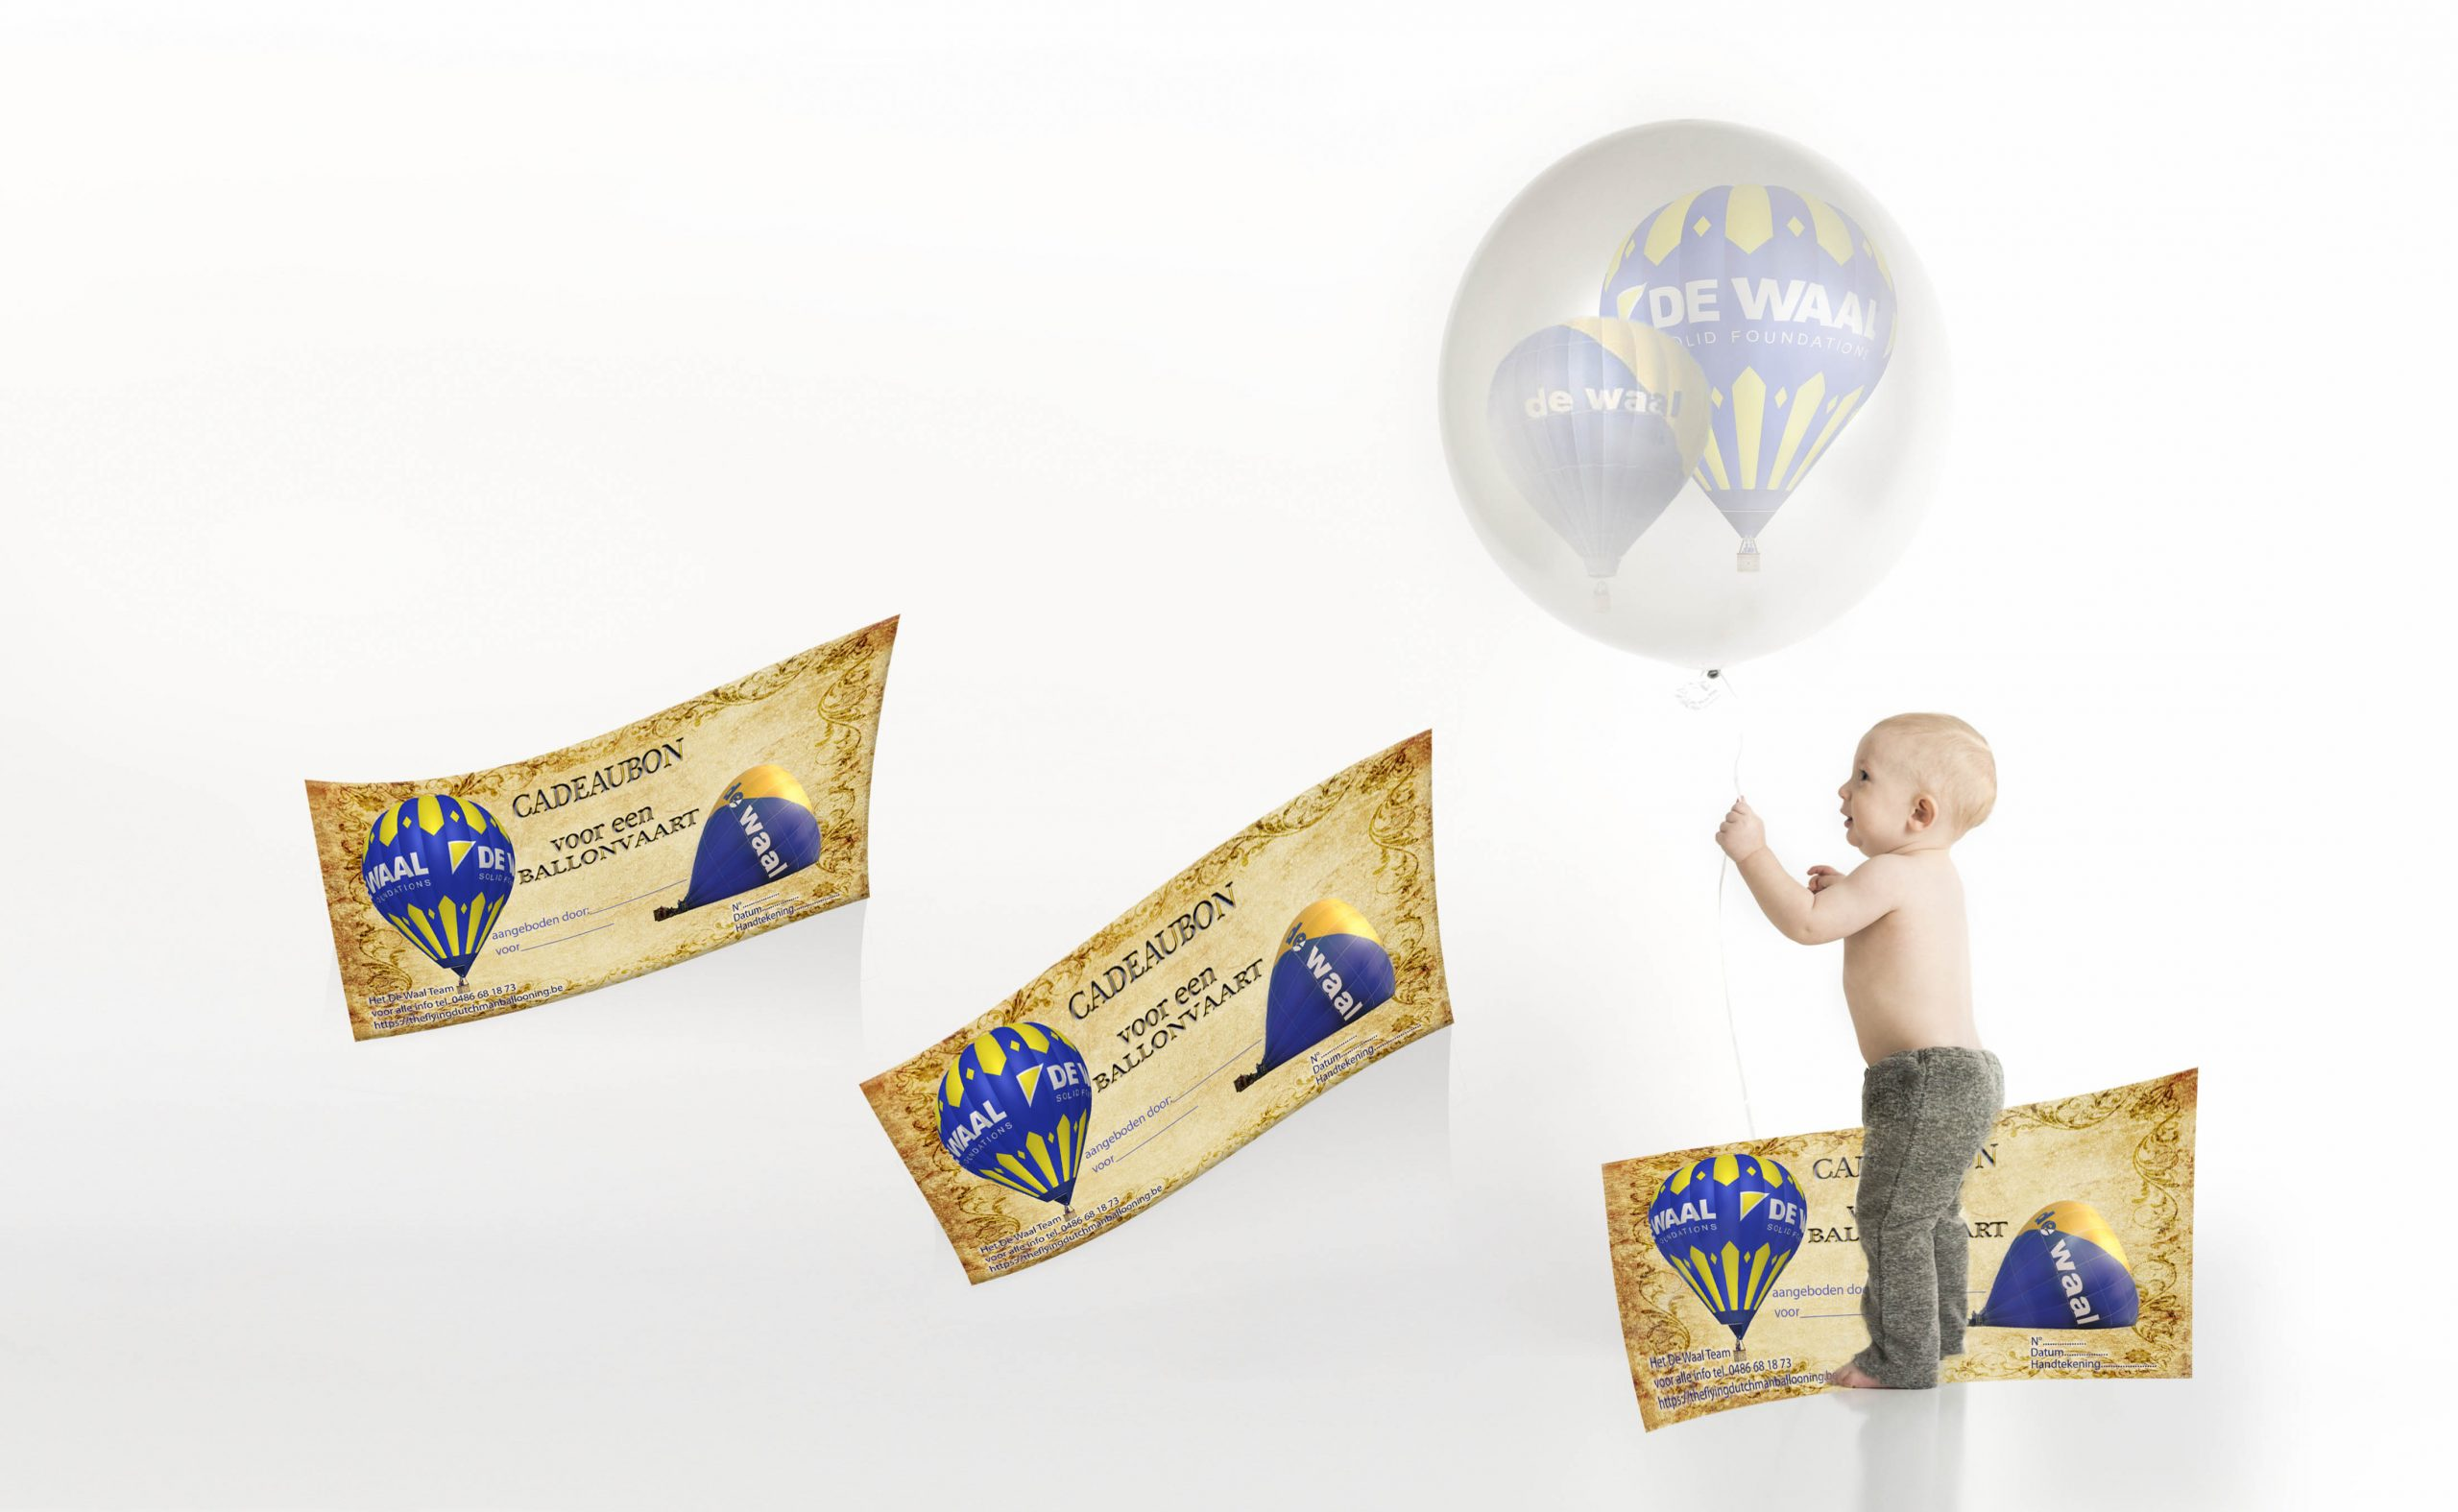 cadeaubon ballonvaart